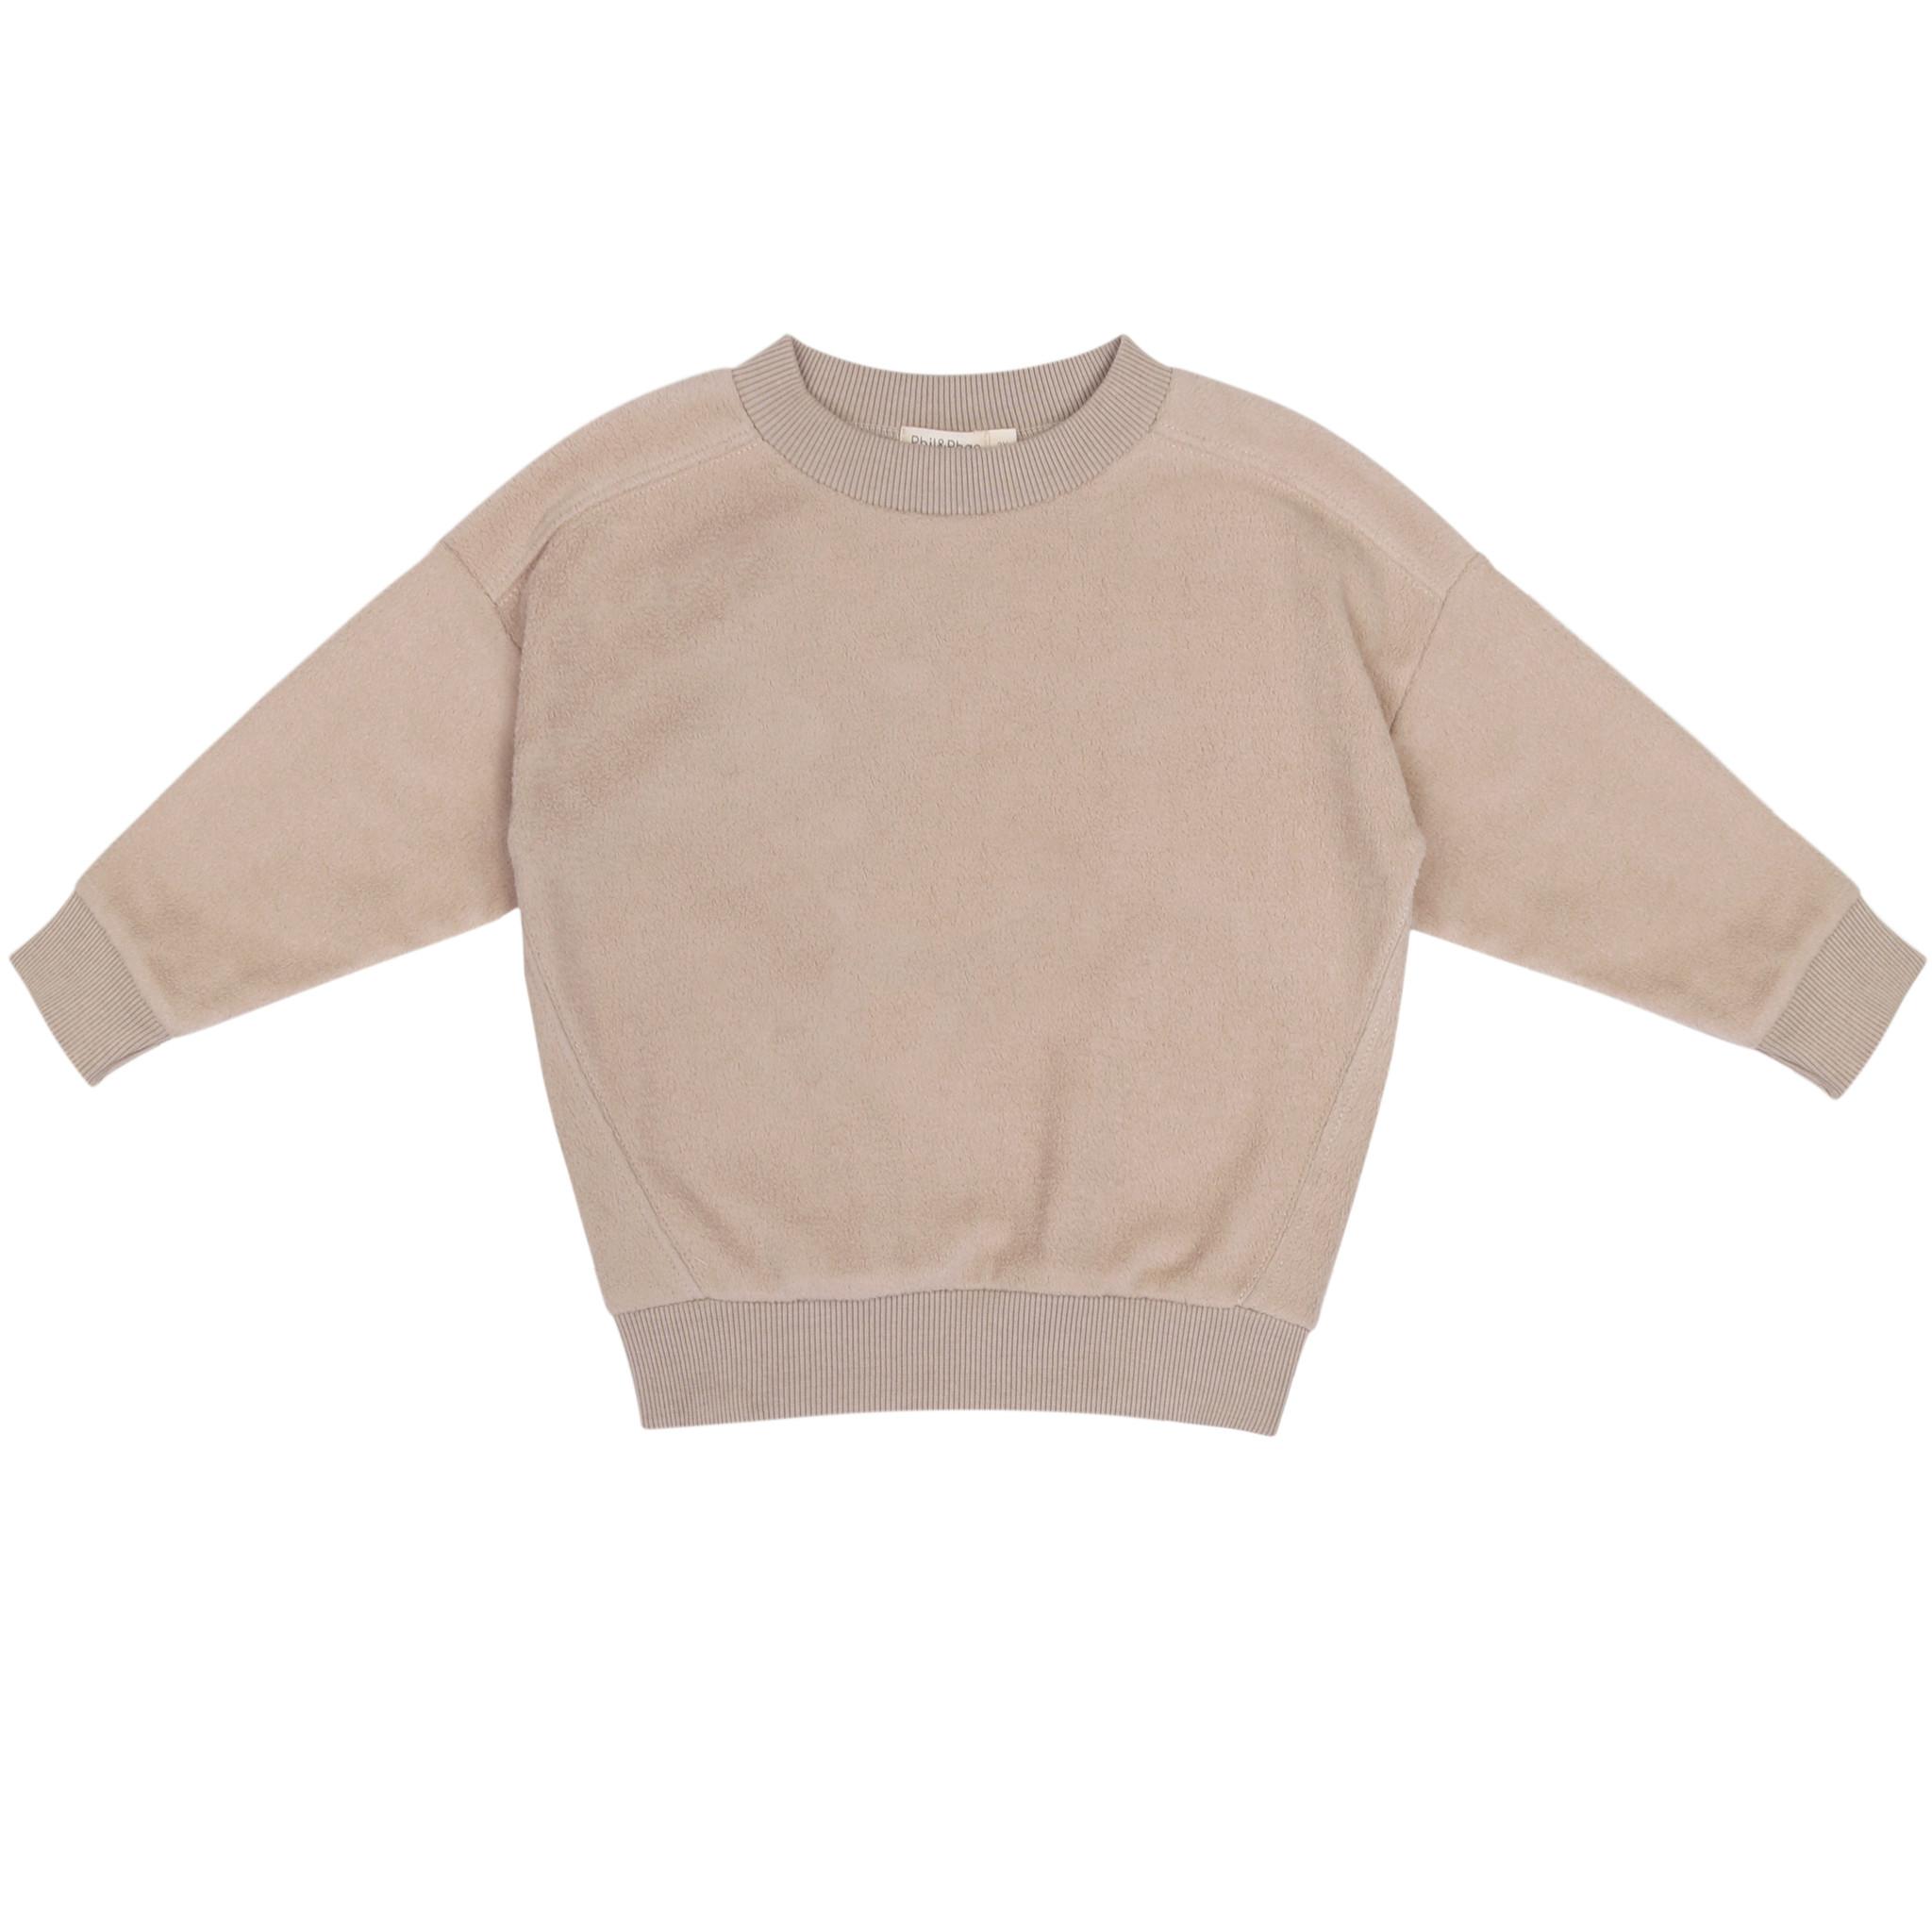 Oversized teddy sweater - Straw-1